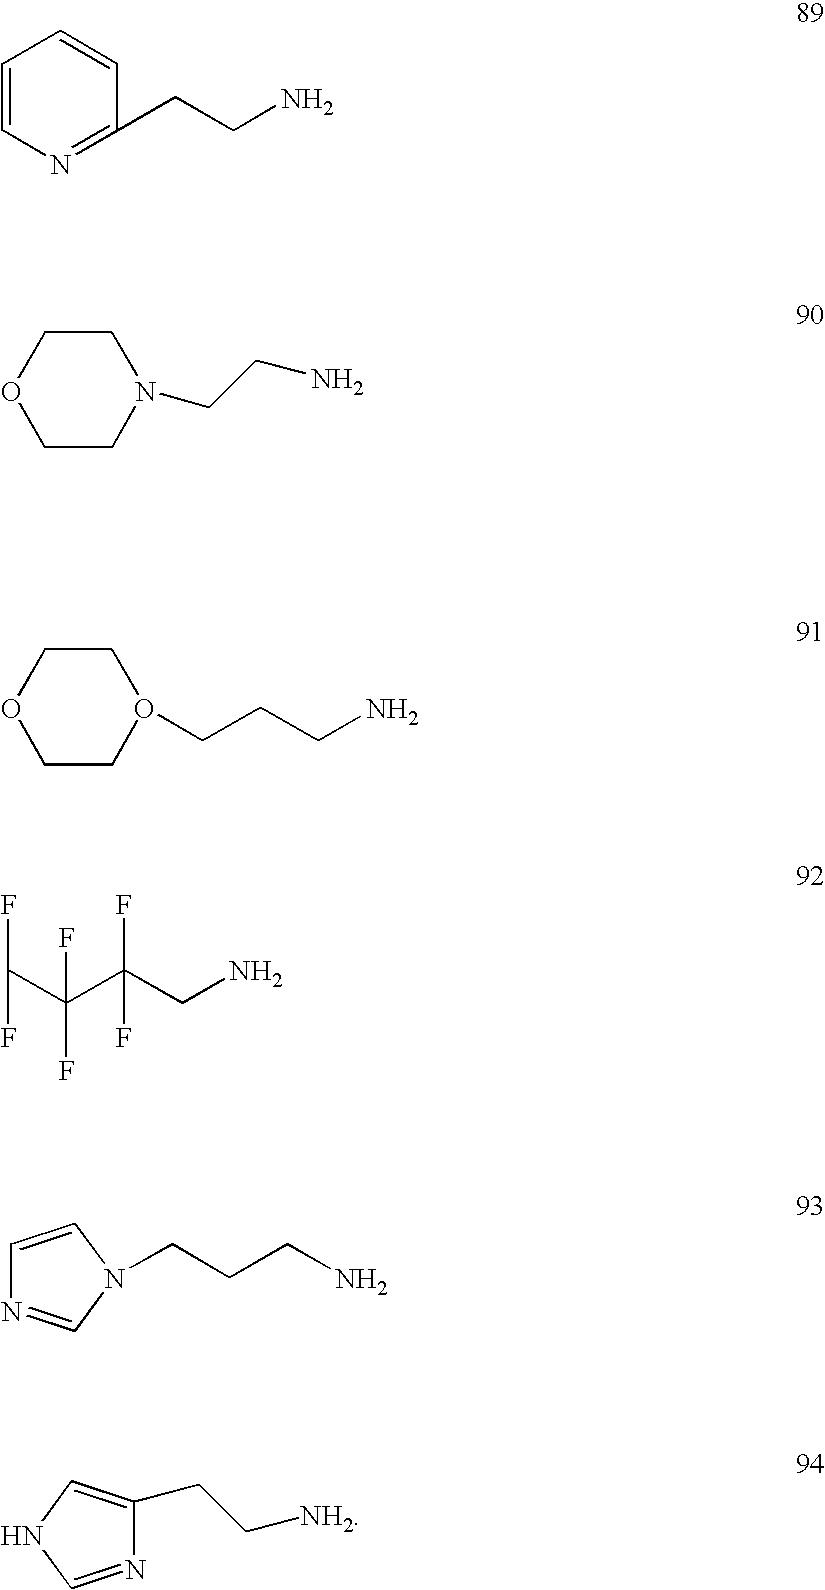 Figure US20050244504A1-20051103-C00025